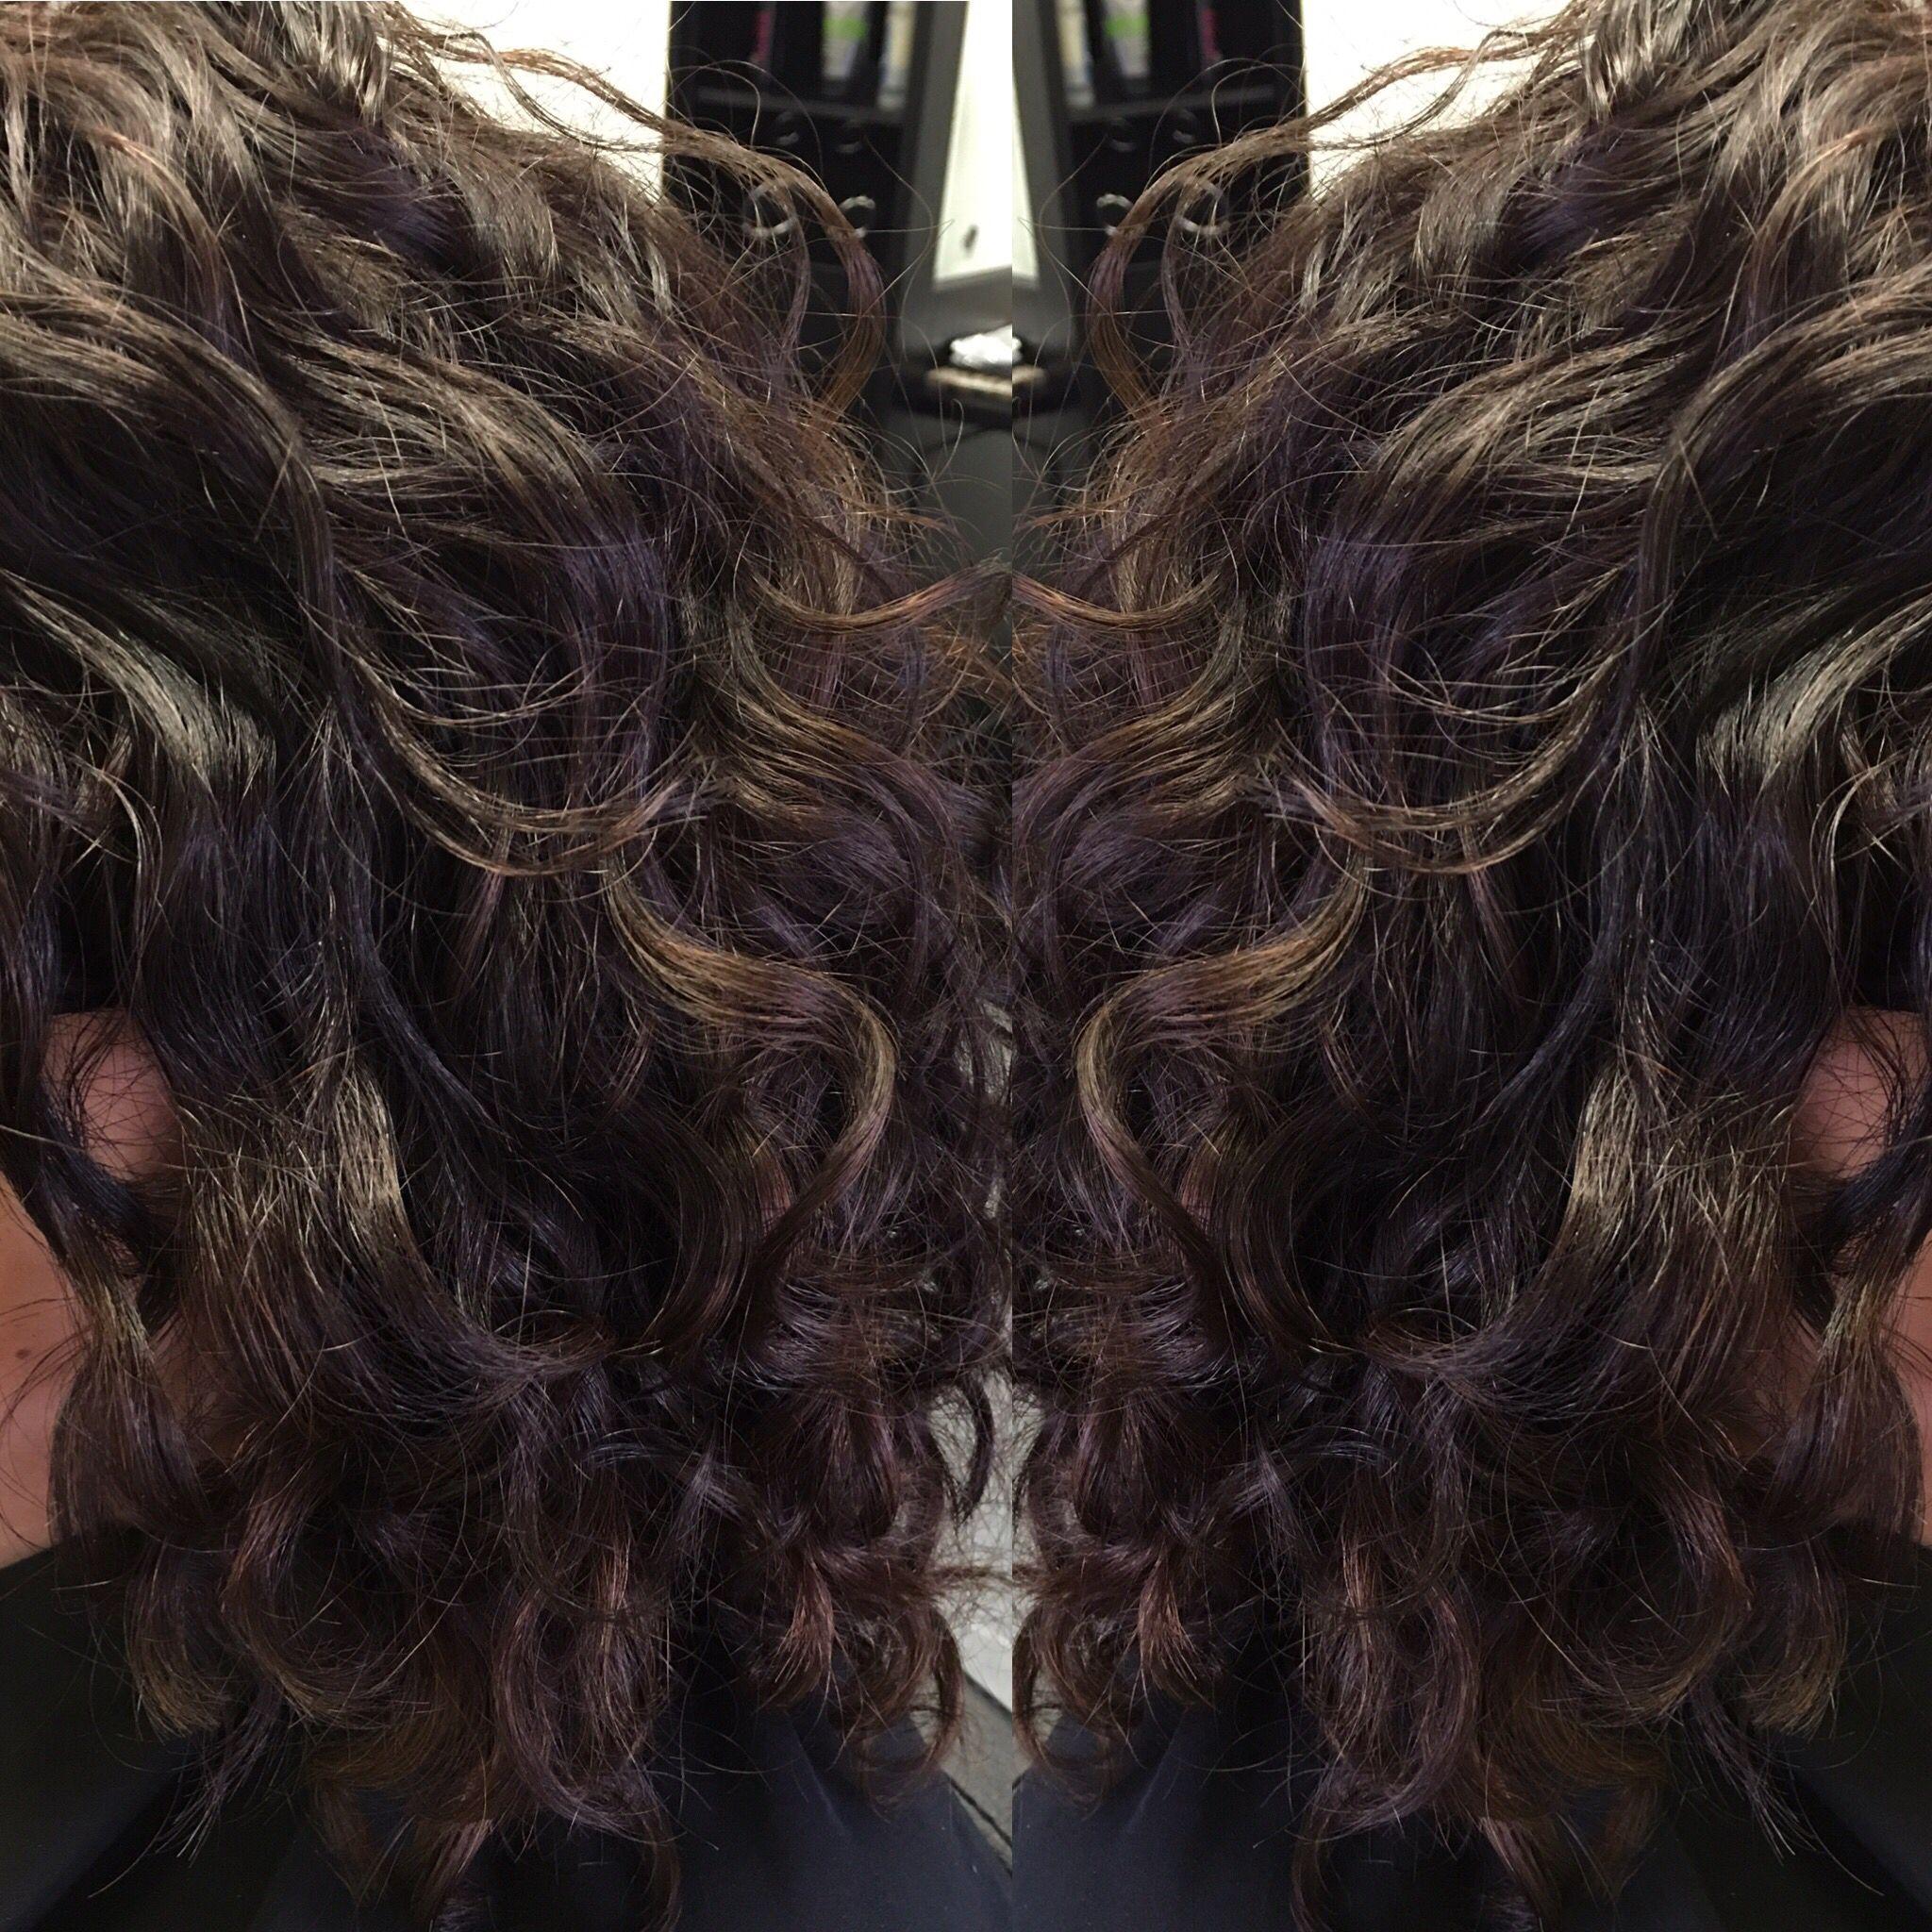 Devacurl Waterfall Haircut Curly Hair By Devacurl Inspired Stylist Hair By Jody Brinkmeier Hair Studio Long Hair Styles Deva Curl